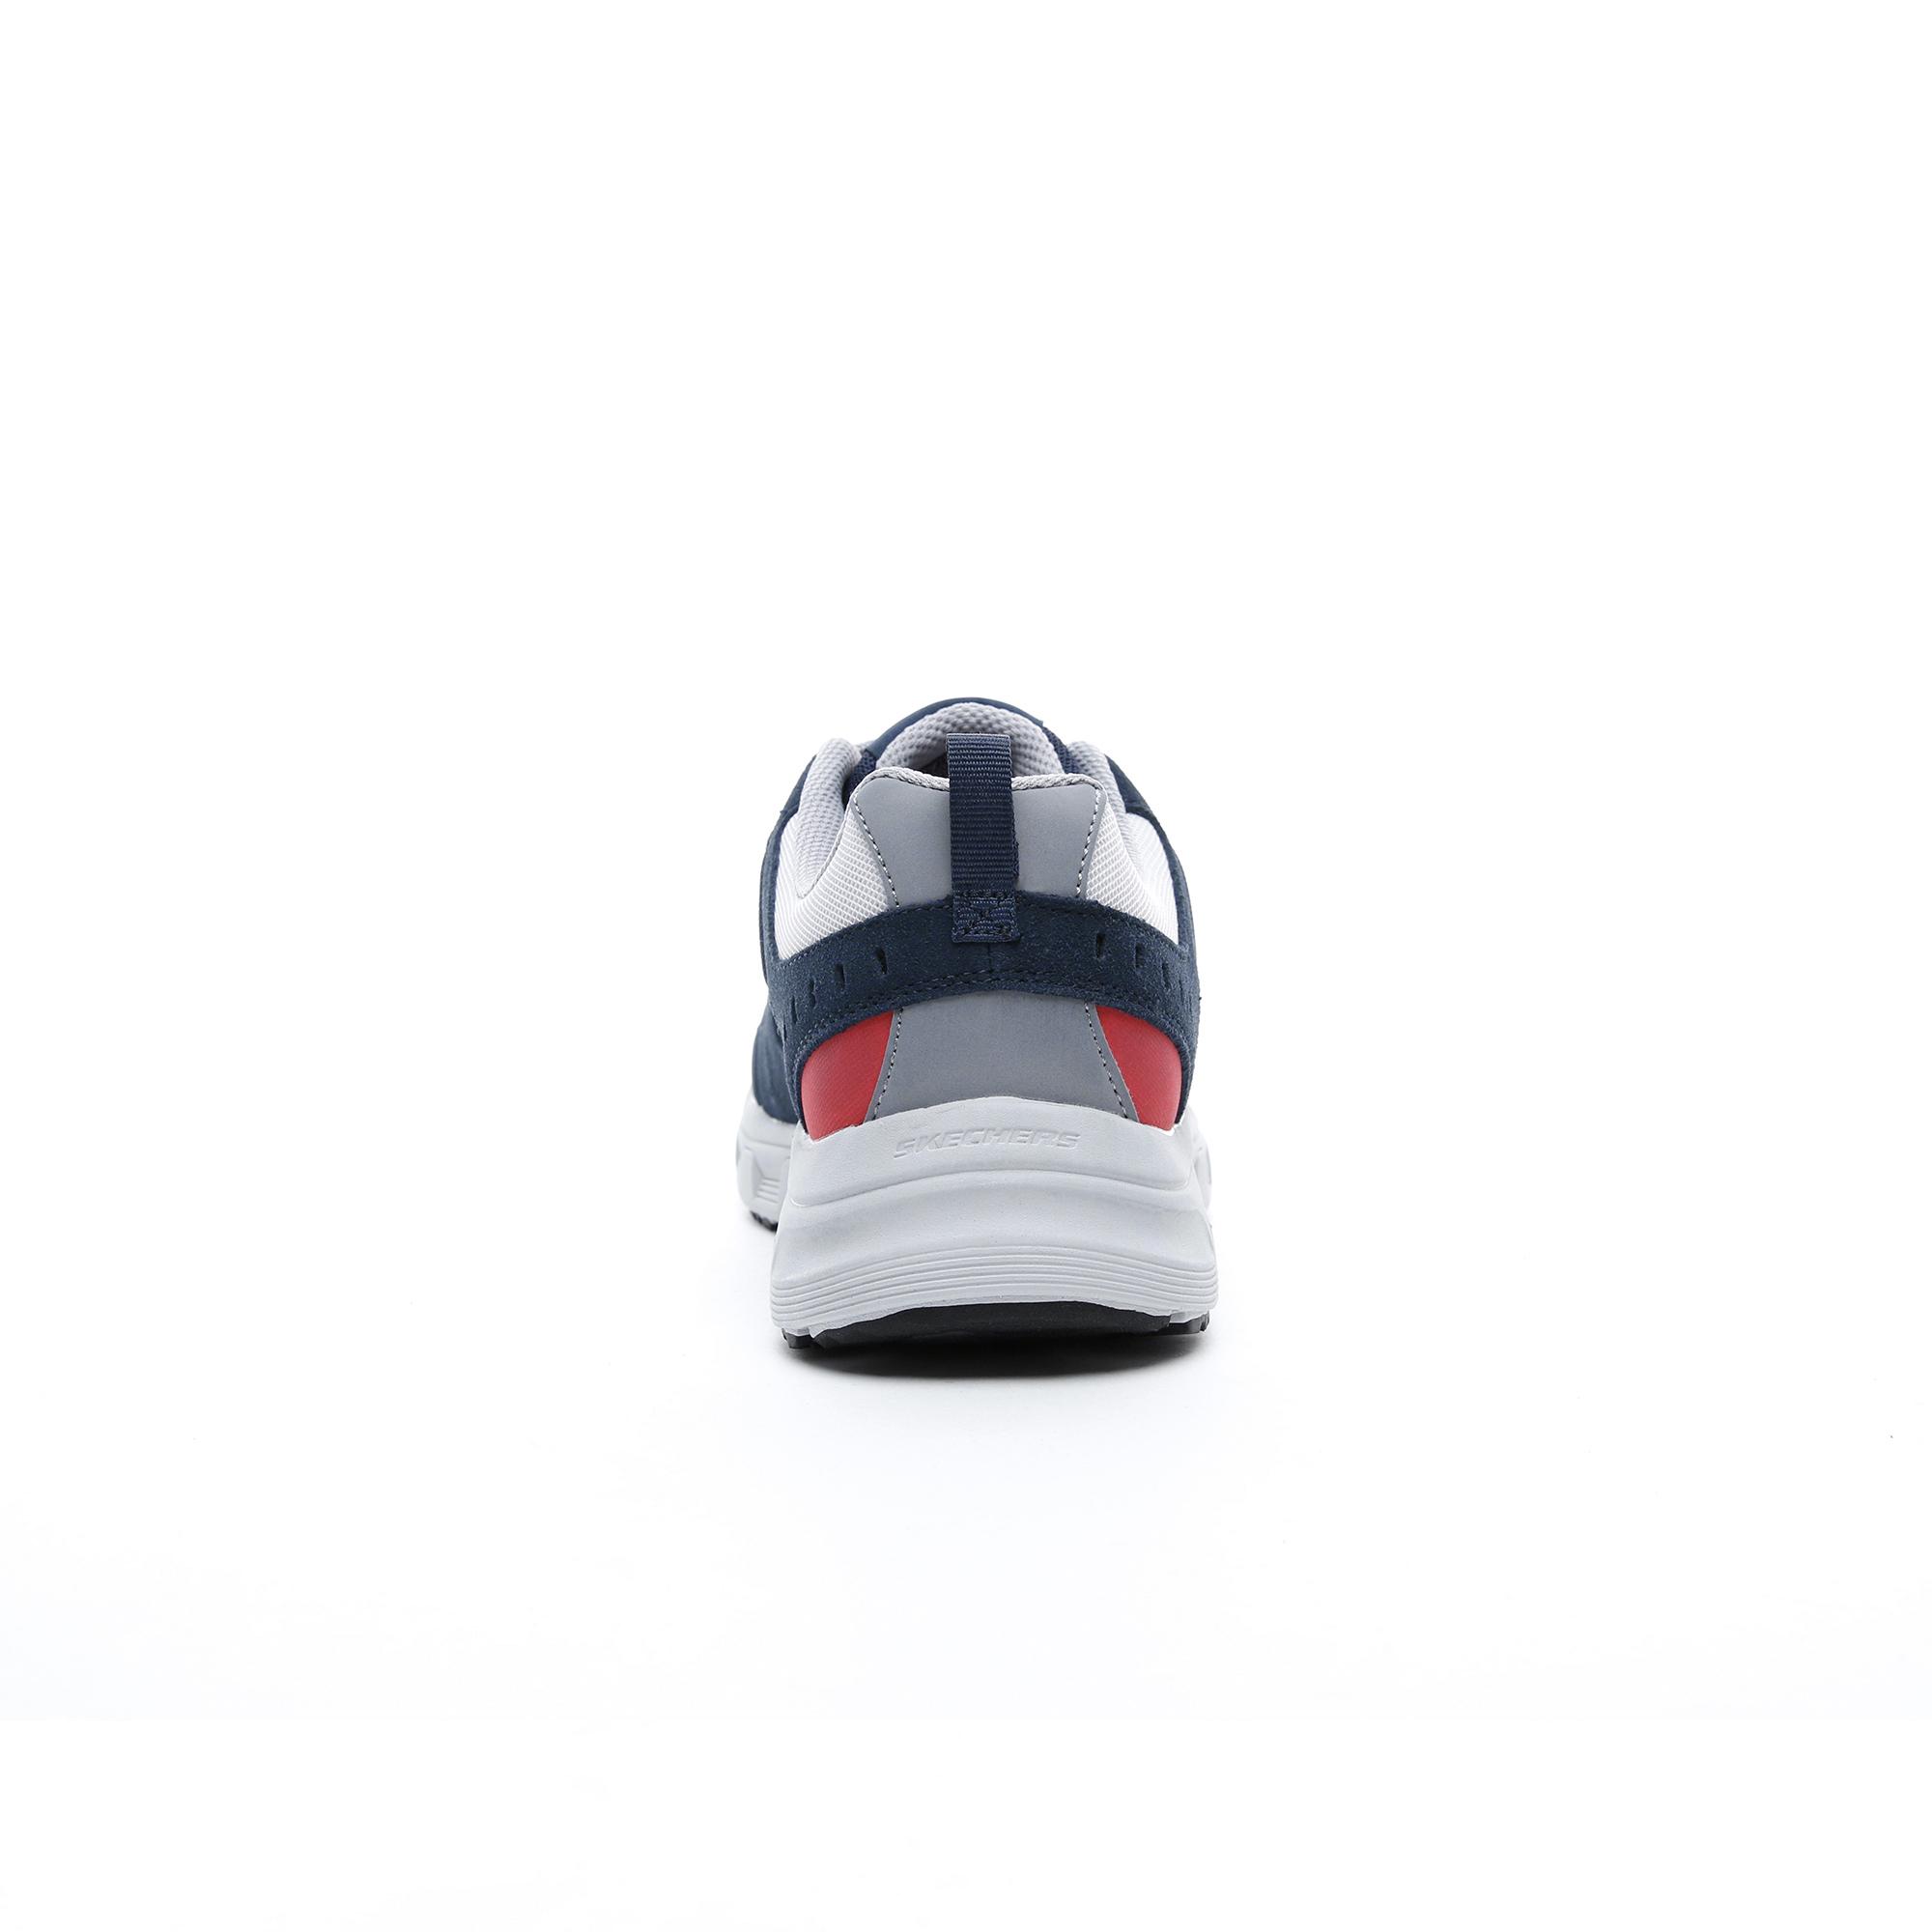 Skechers Oak Canyon Lacivert Erkek Spor Ayakkabı